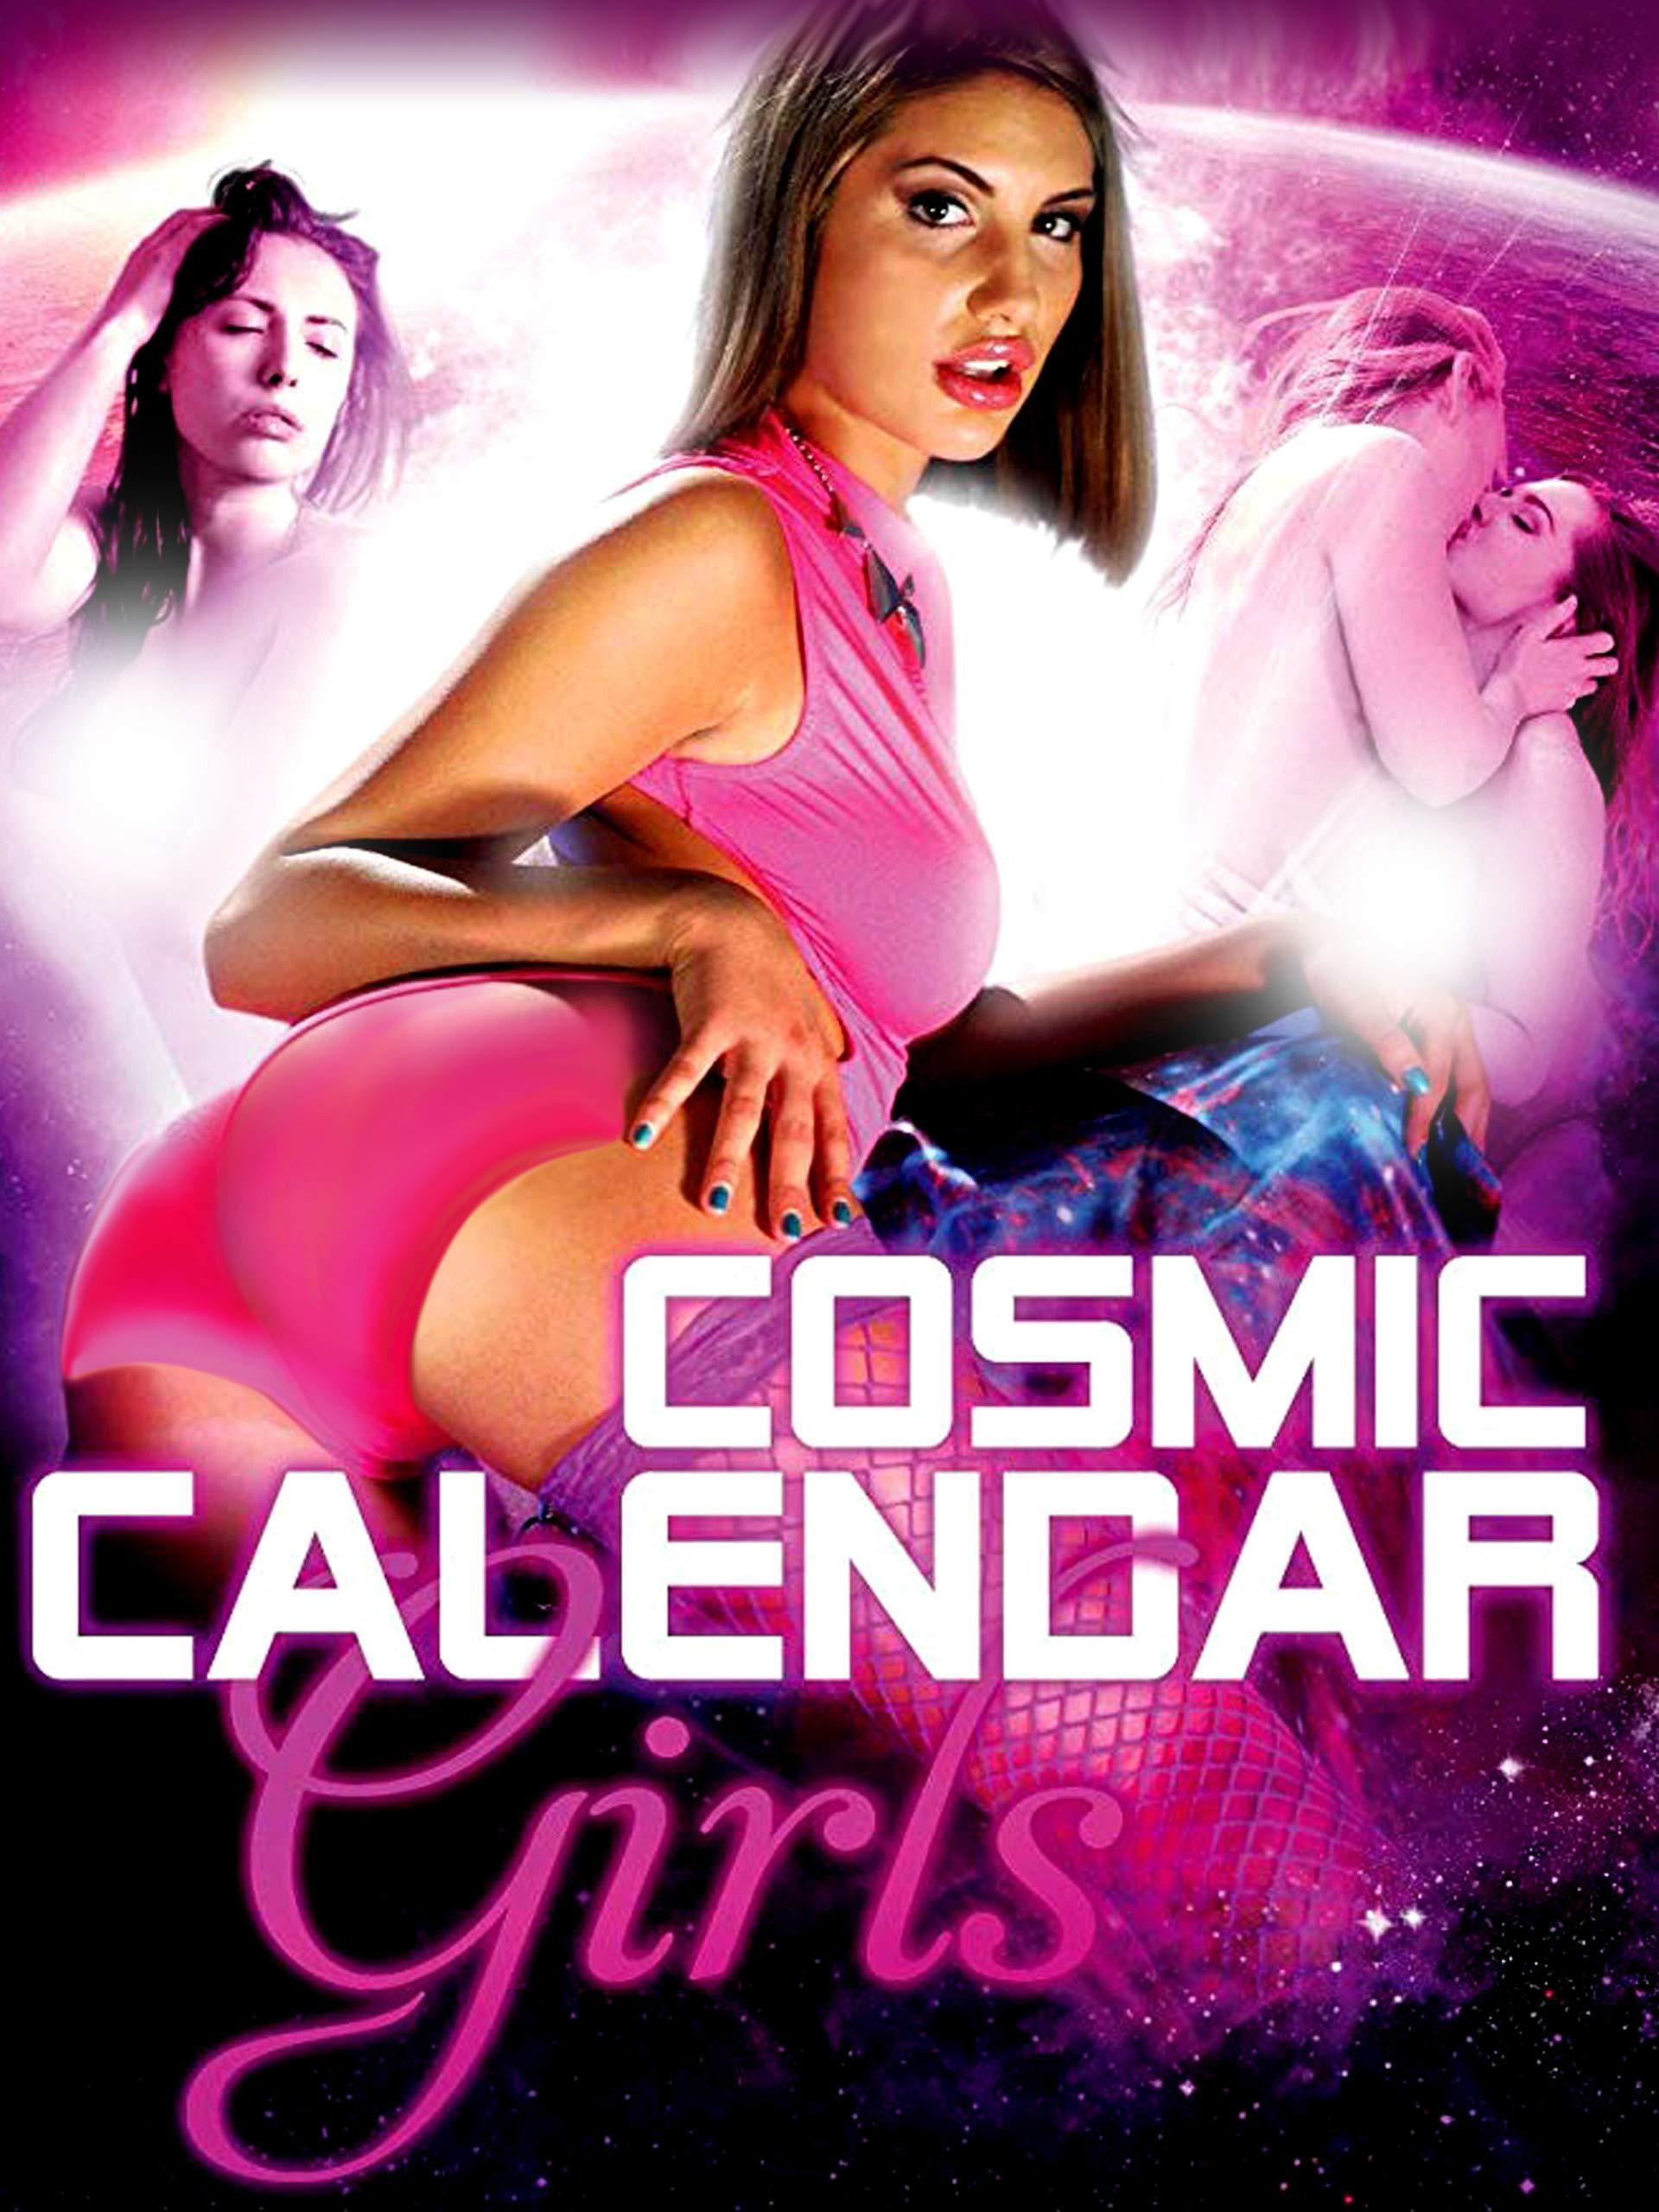 Cosmic Calendar Girls Full Movie